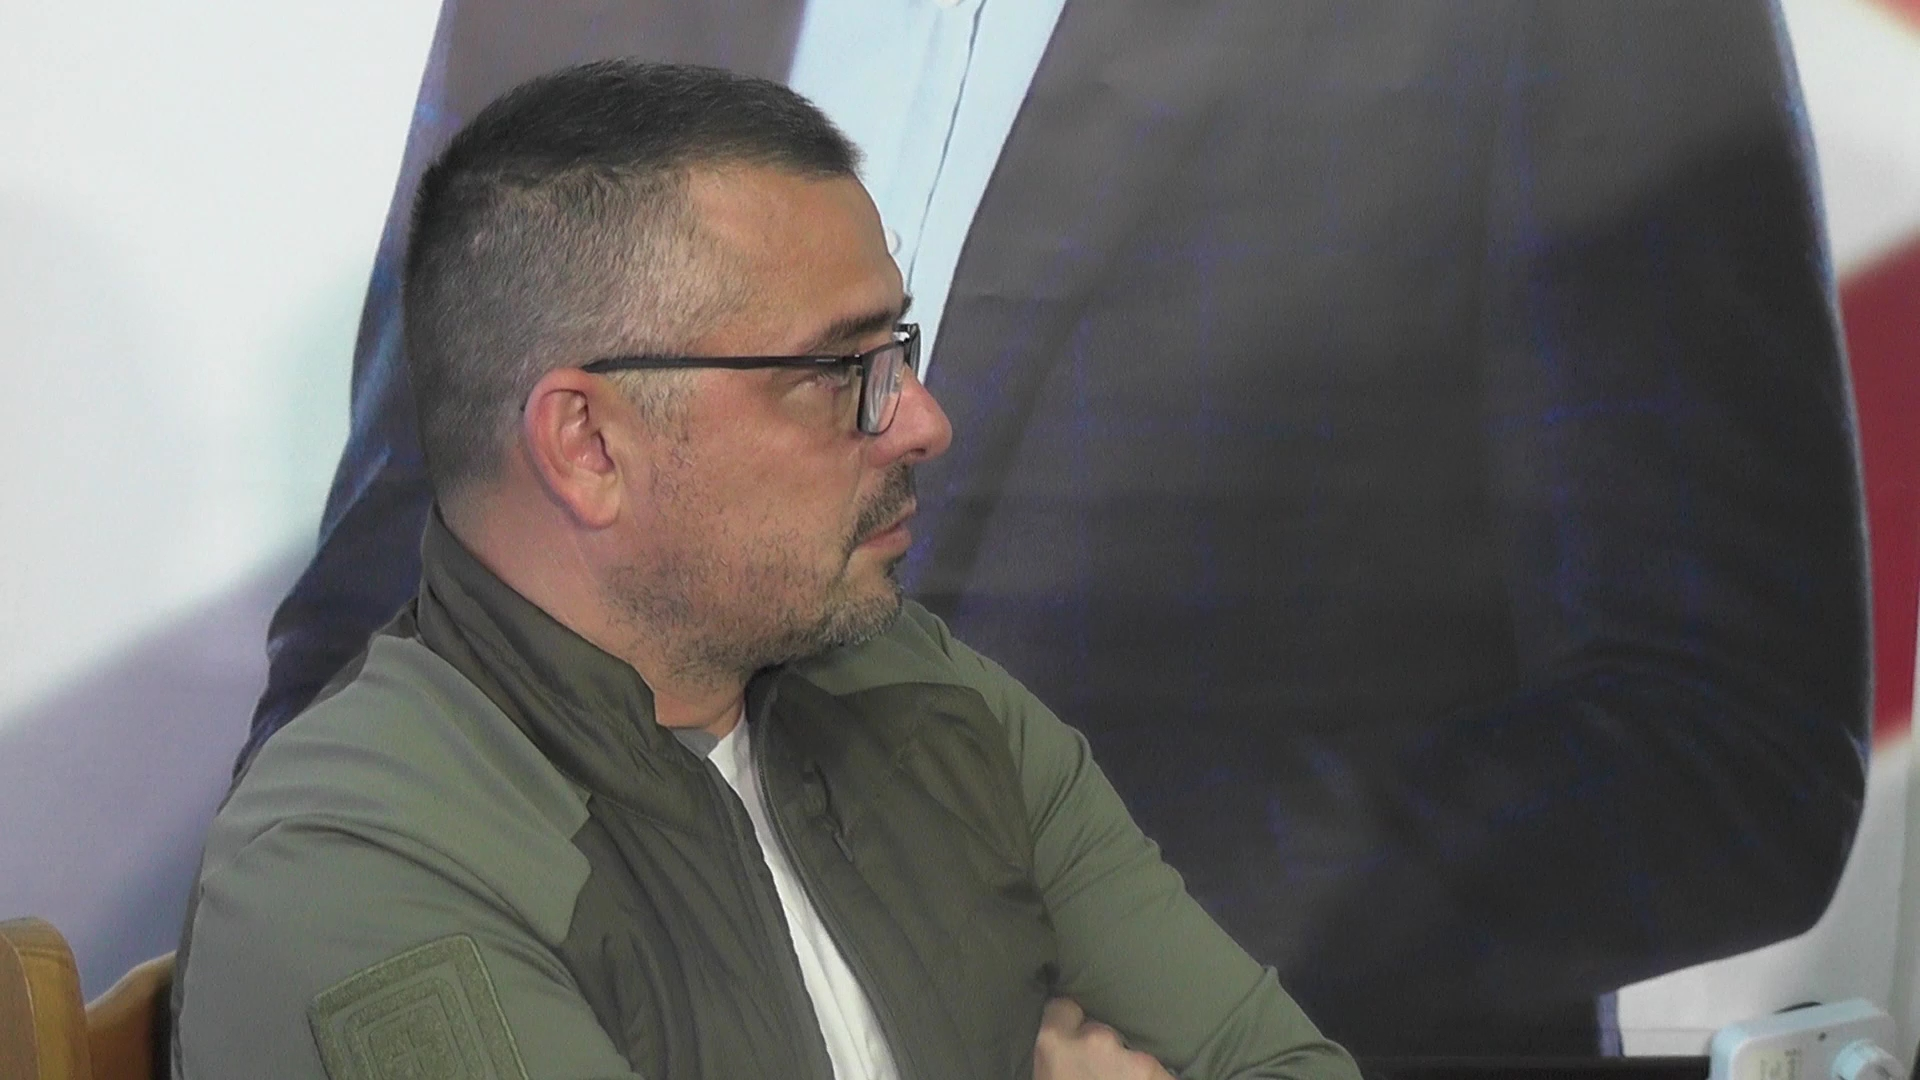 IZBORI 2020: Nosilac liste SNS Branislav Nedimović posetio Gradski i Opštinski odbor stranke u Kruševcu i Aleksandrovcu